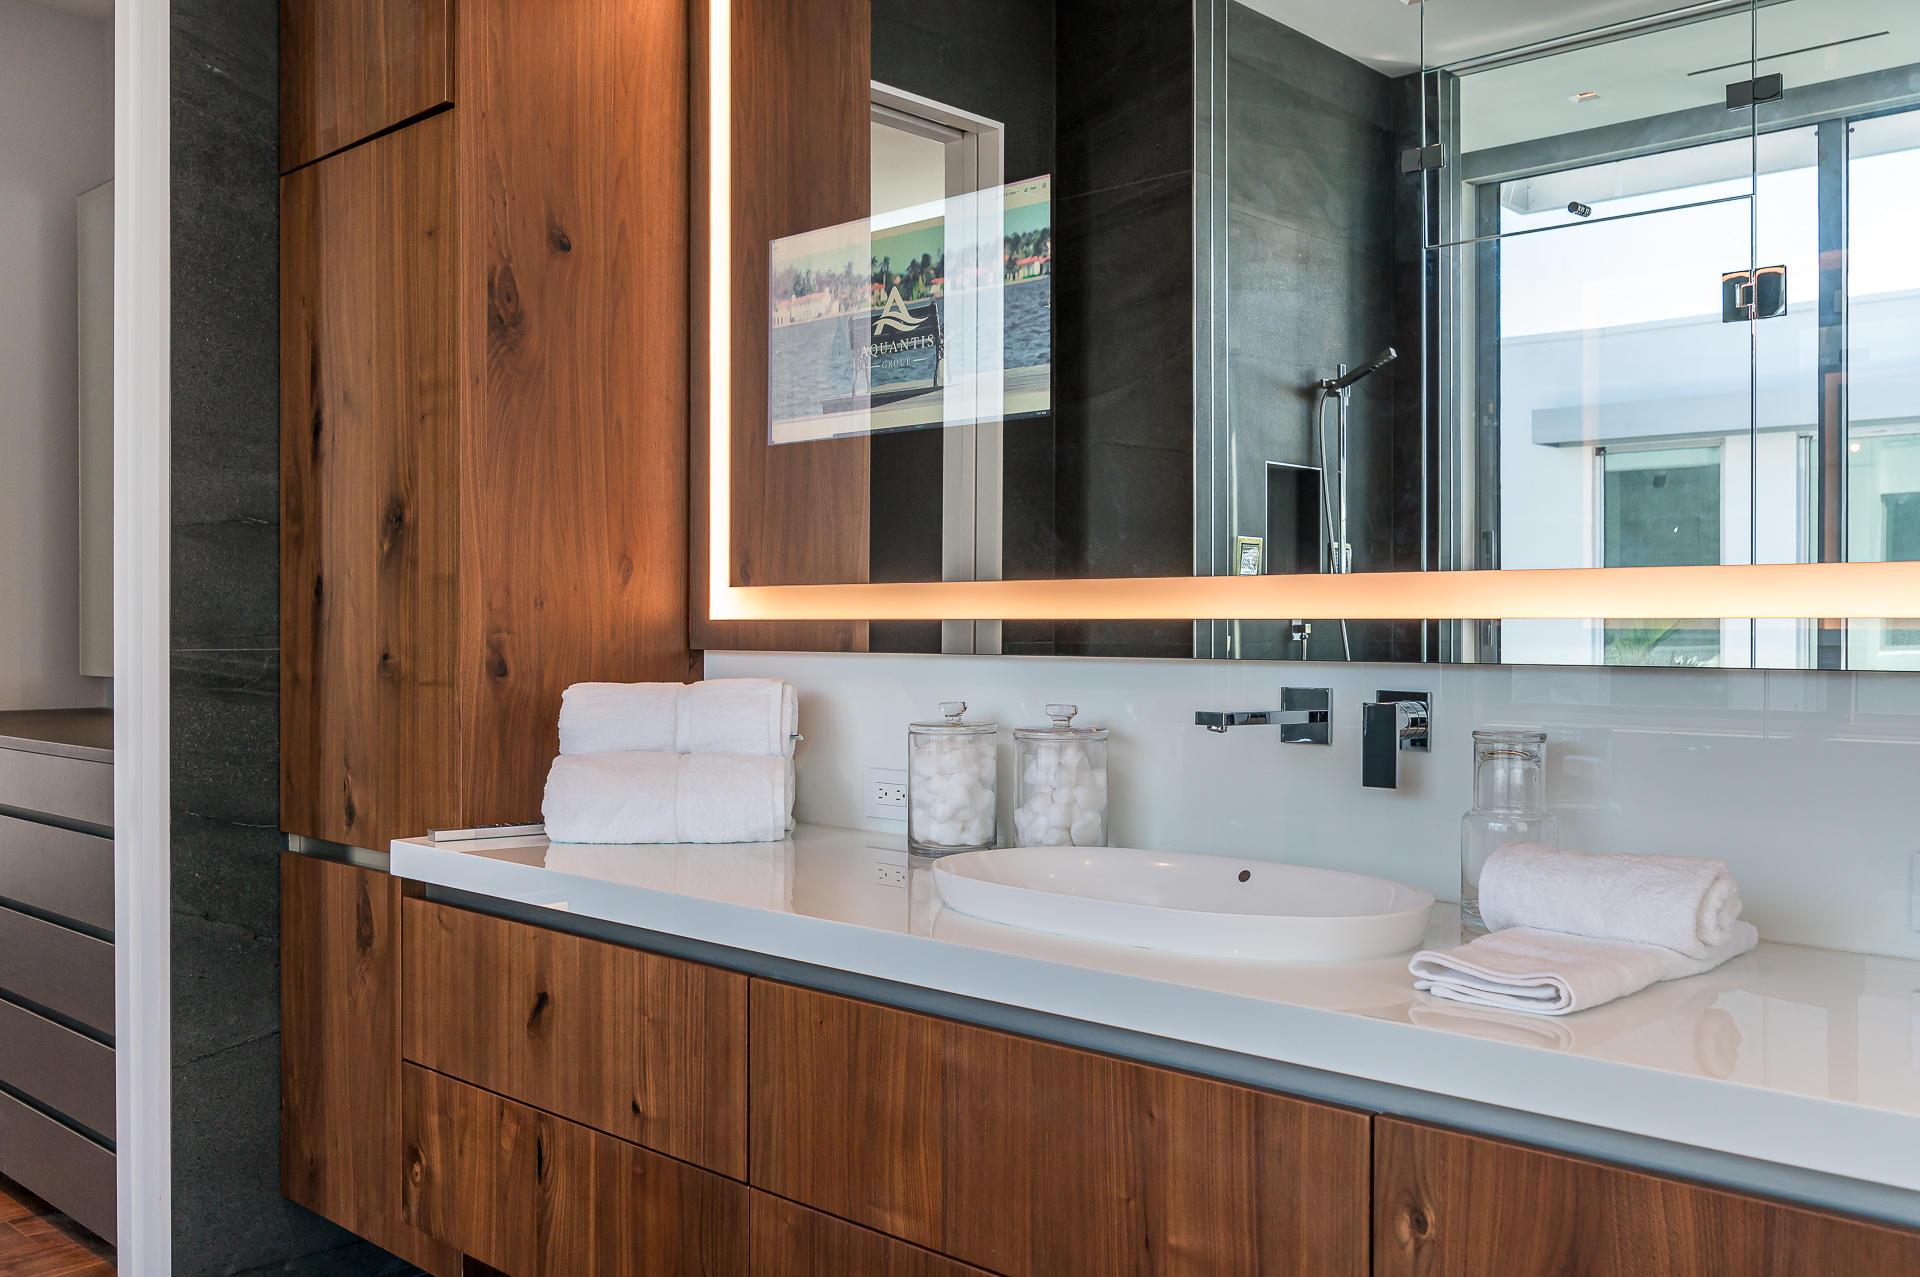 Television in master bathroom mirror